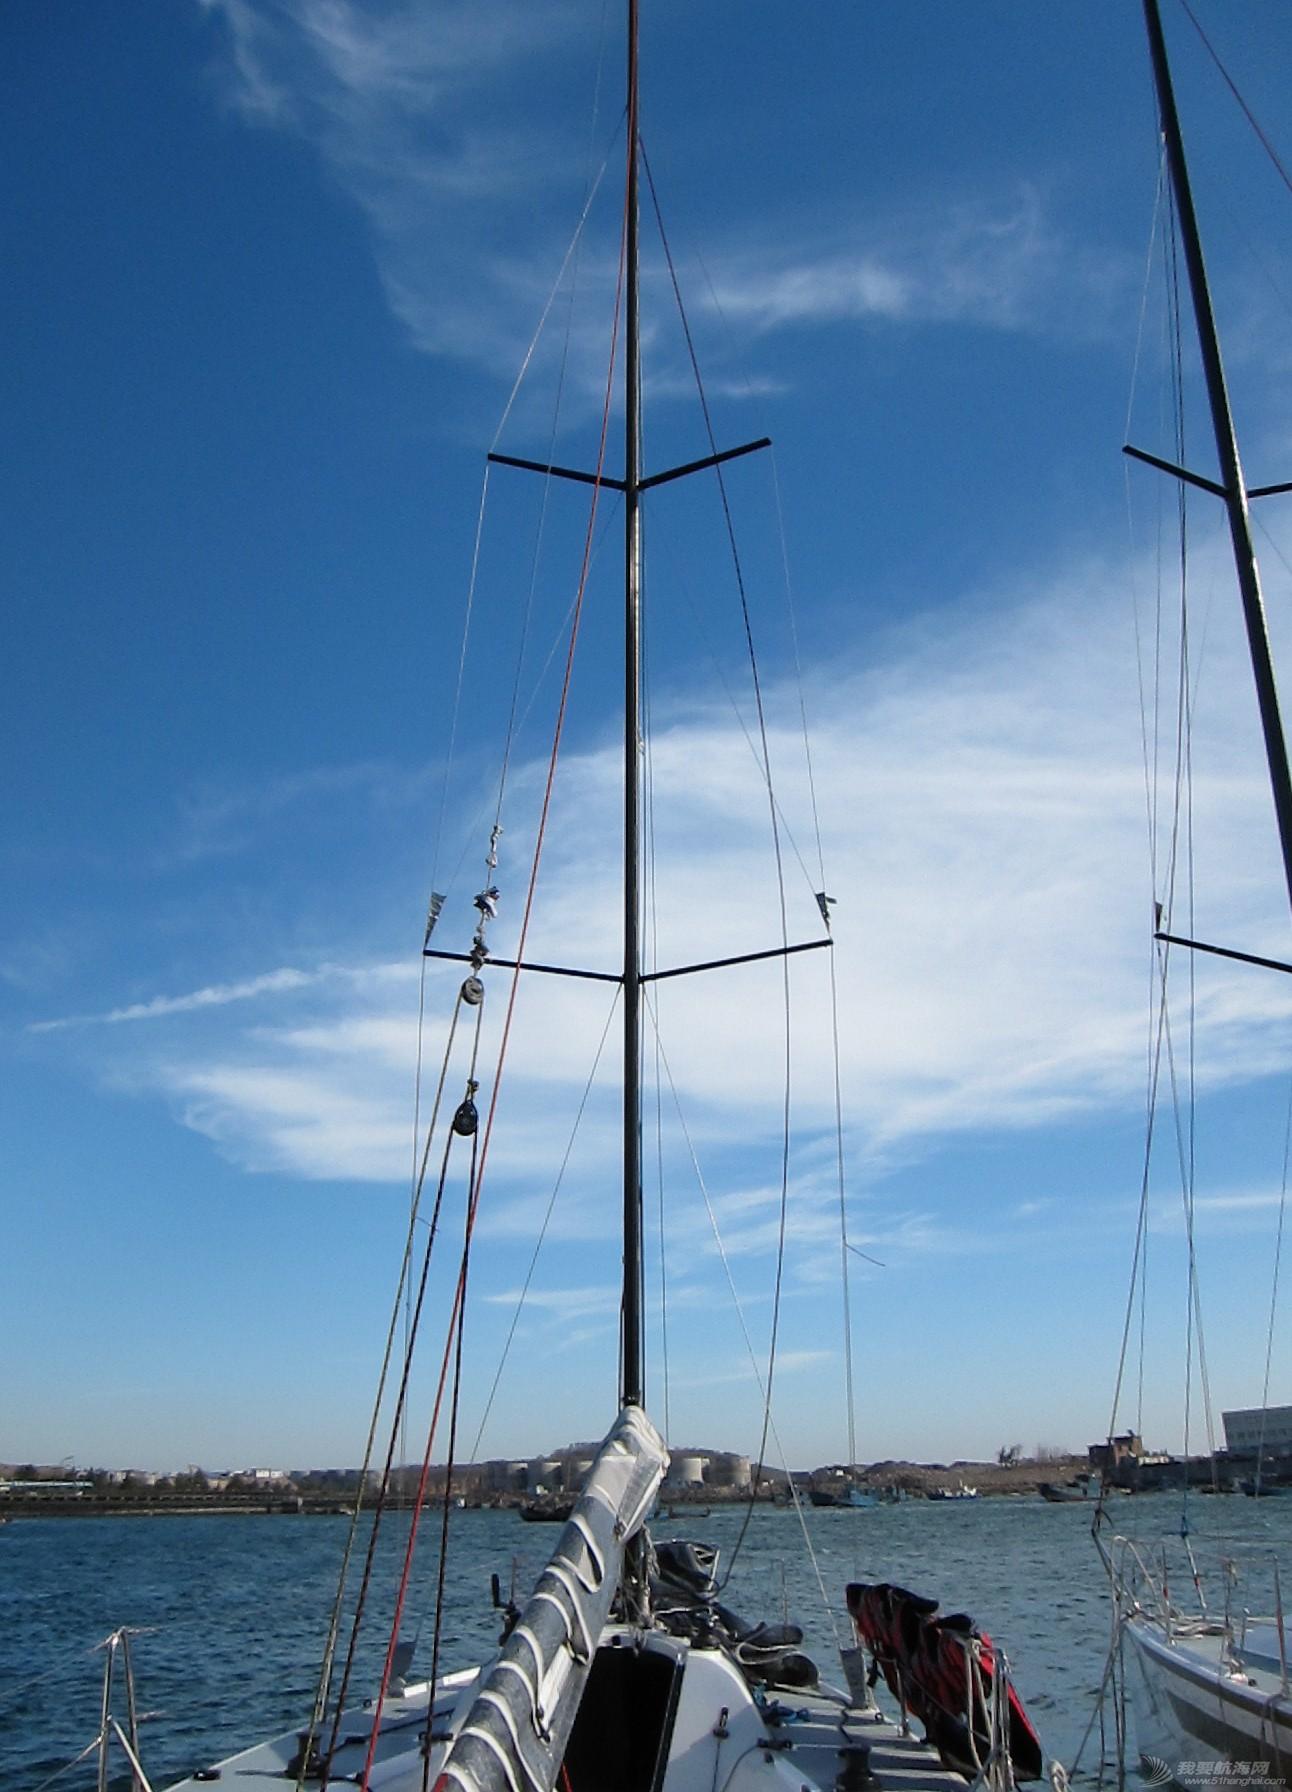 帆船,如何 如何开一艘现代帆船【帆友原创】 FqjGUME70UEl38BDJosmcUiJ0tLK.jpg